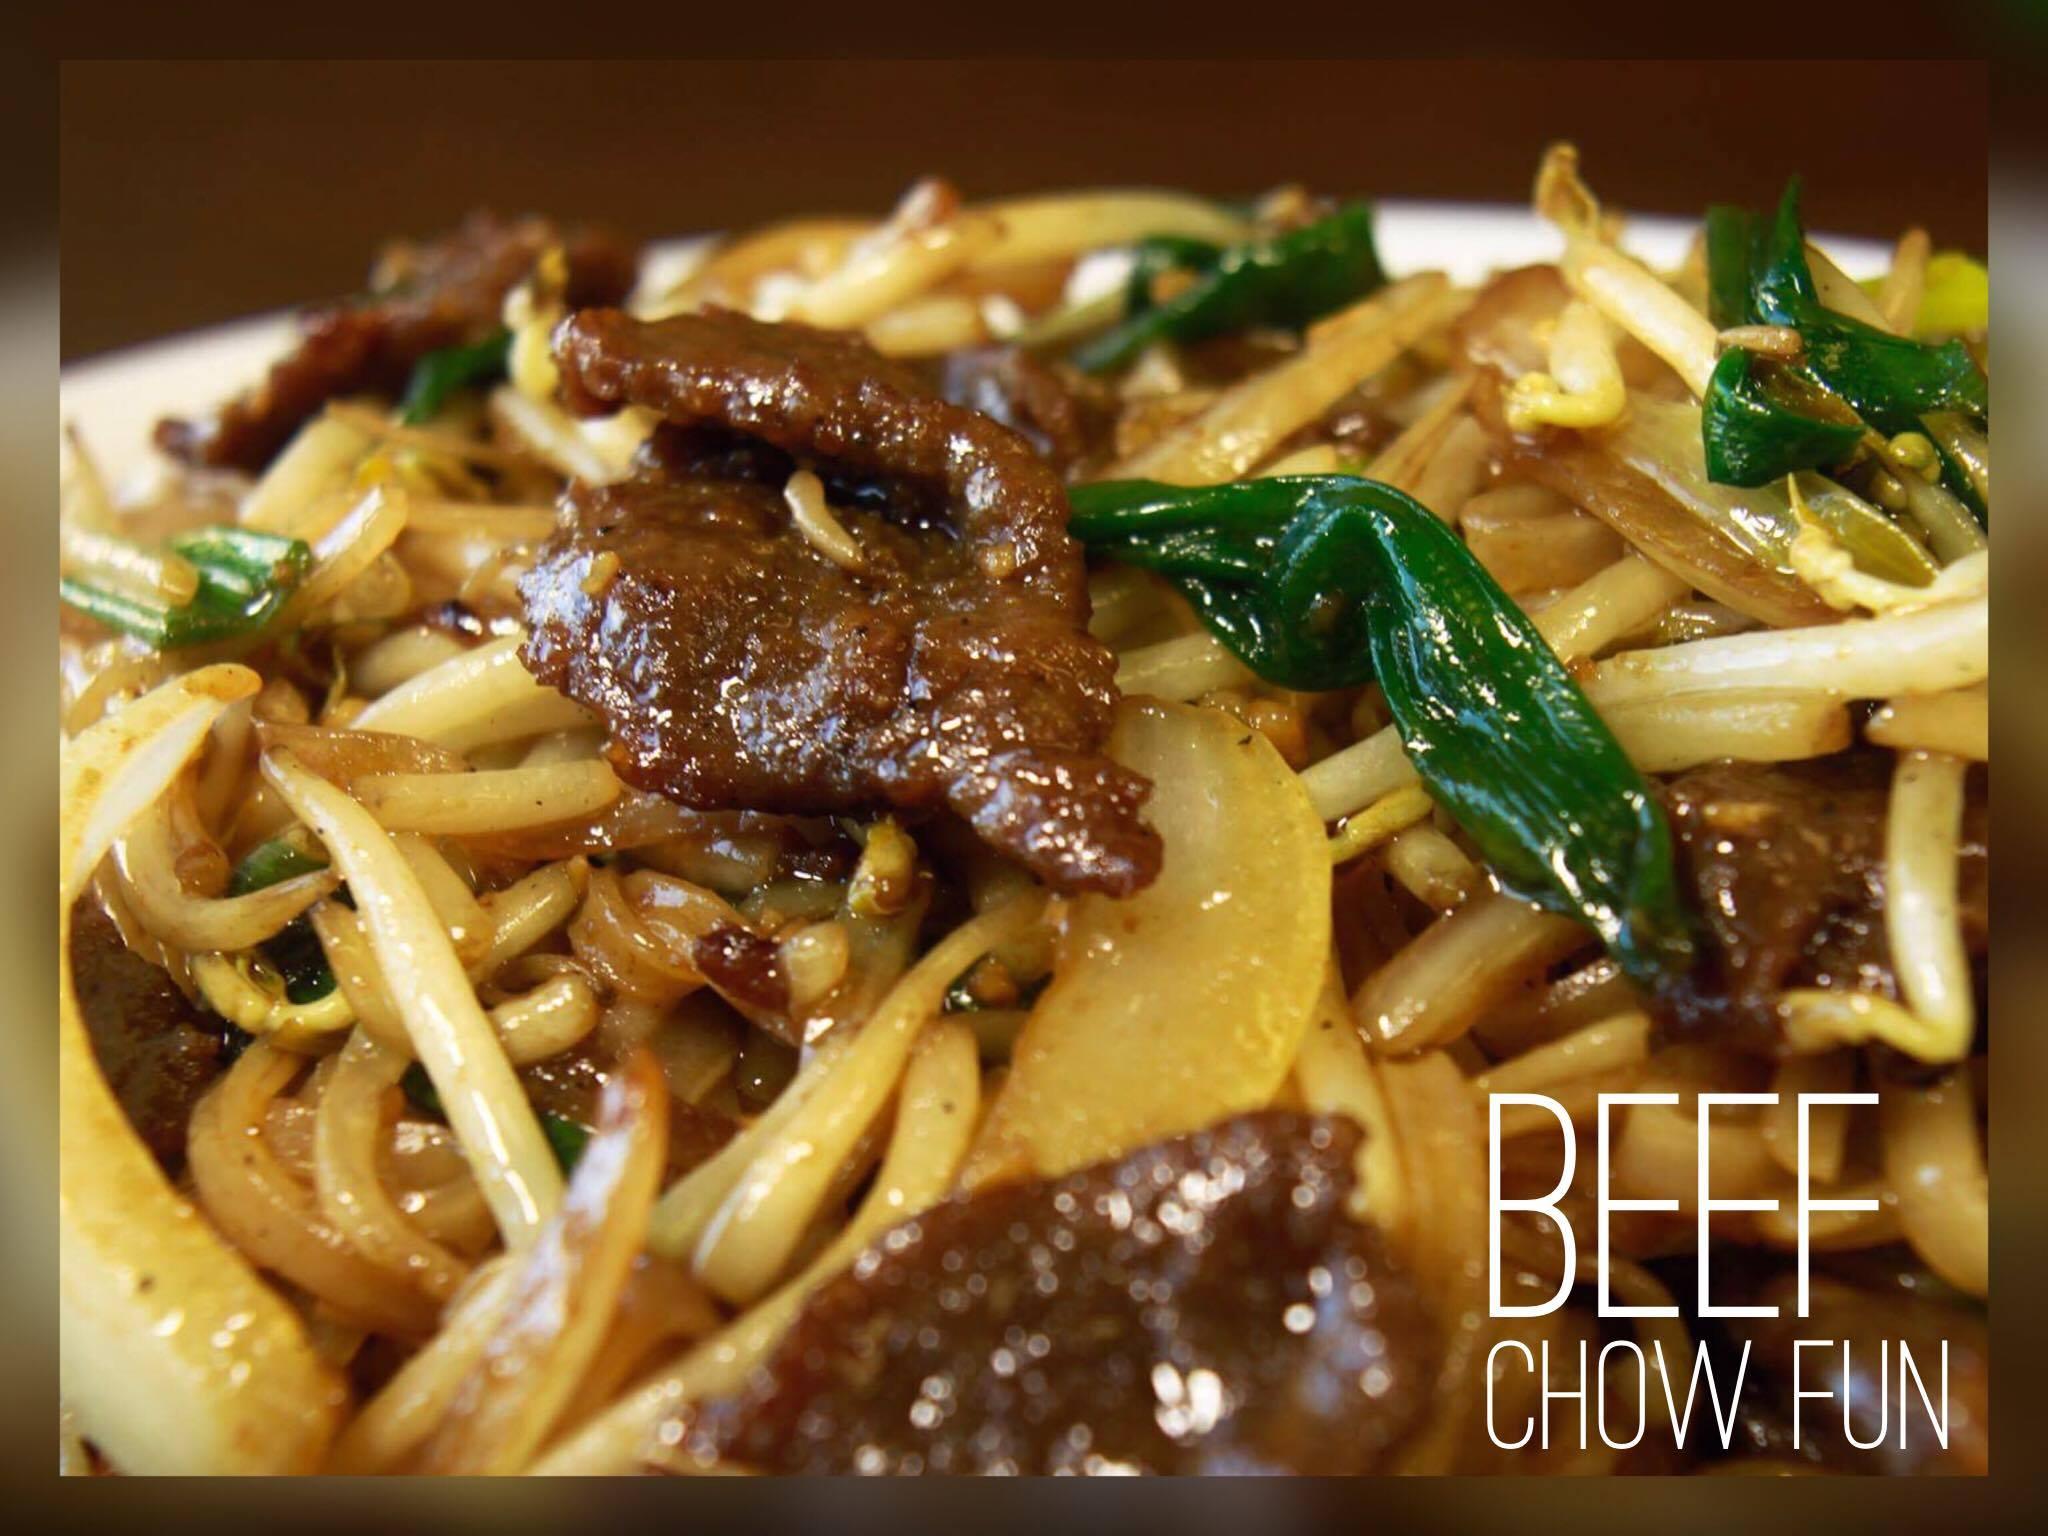 beef chowfun.jpg